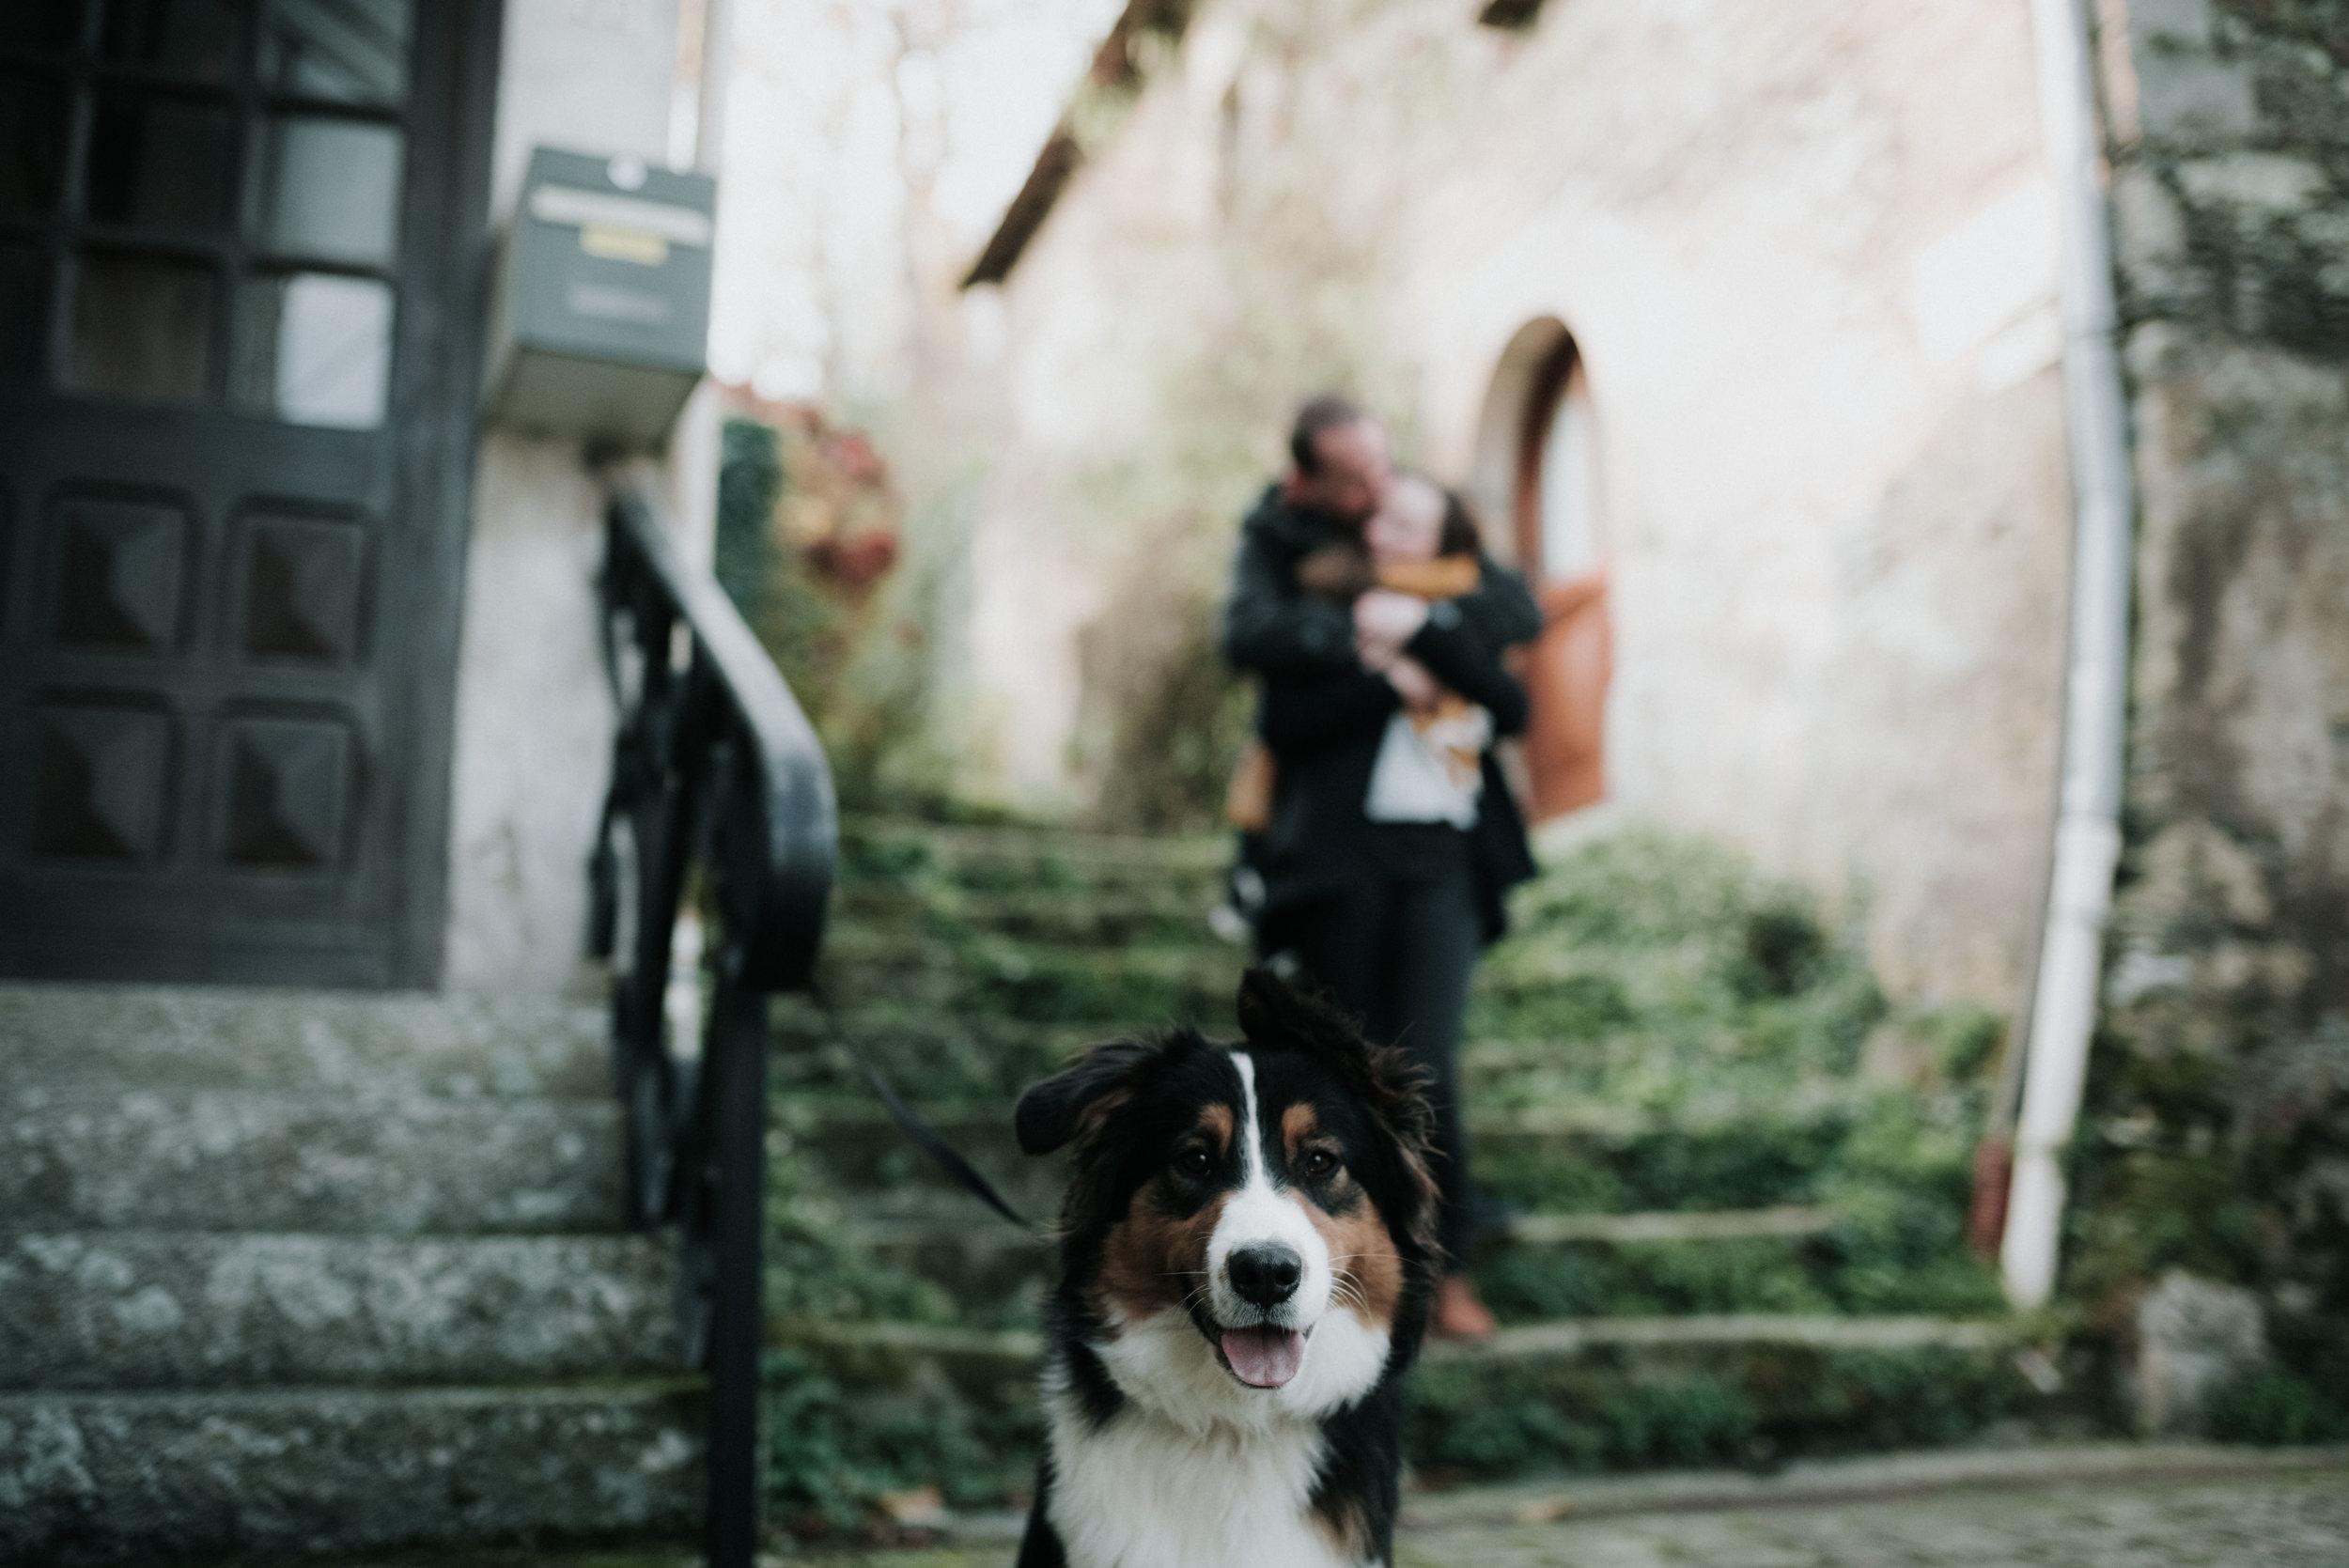 Léa-Fery-photographe-professionnel-lyon-rhone-alpes-portrait-creation-mariage-evenement-evenementiel-famille-4612.jpg